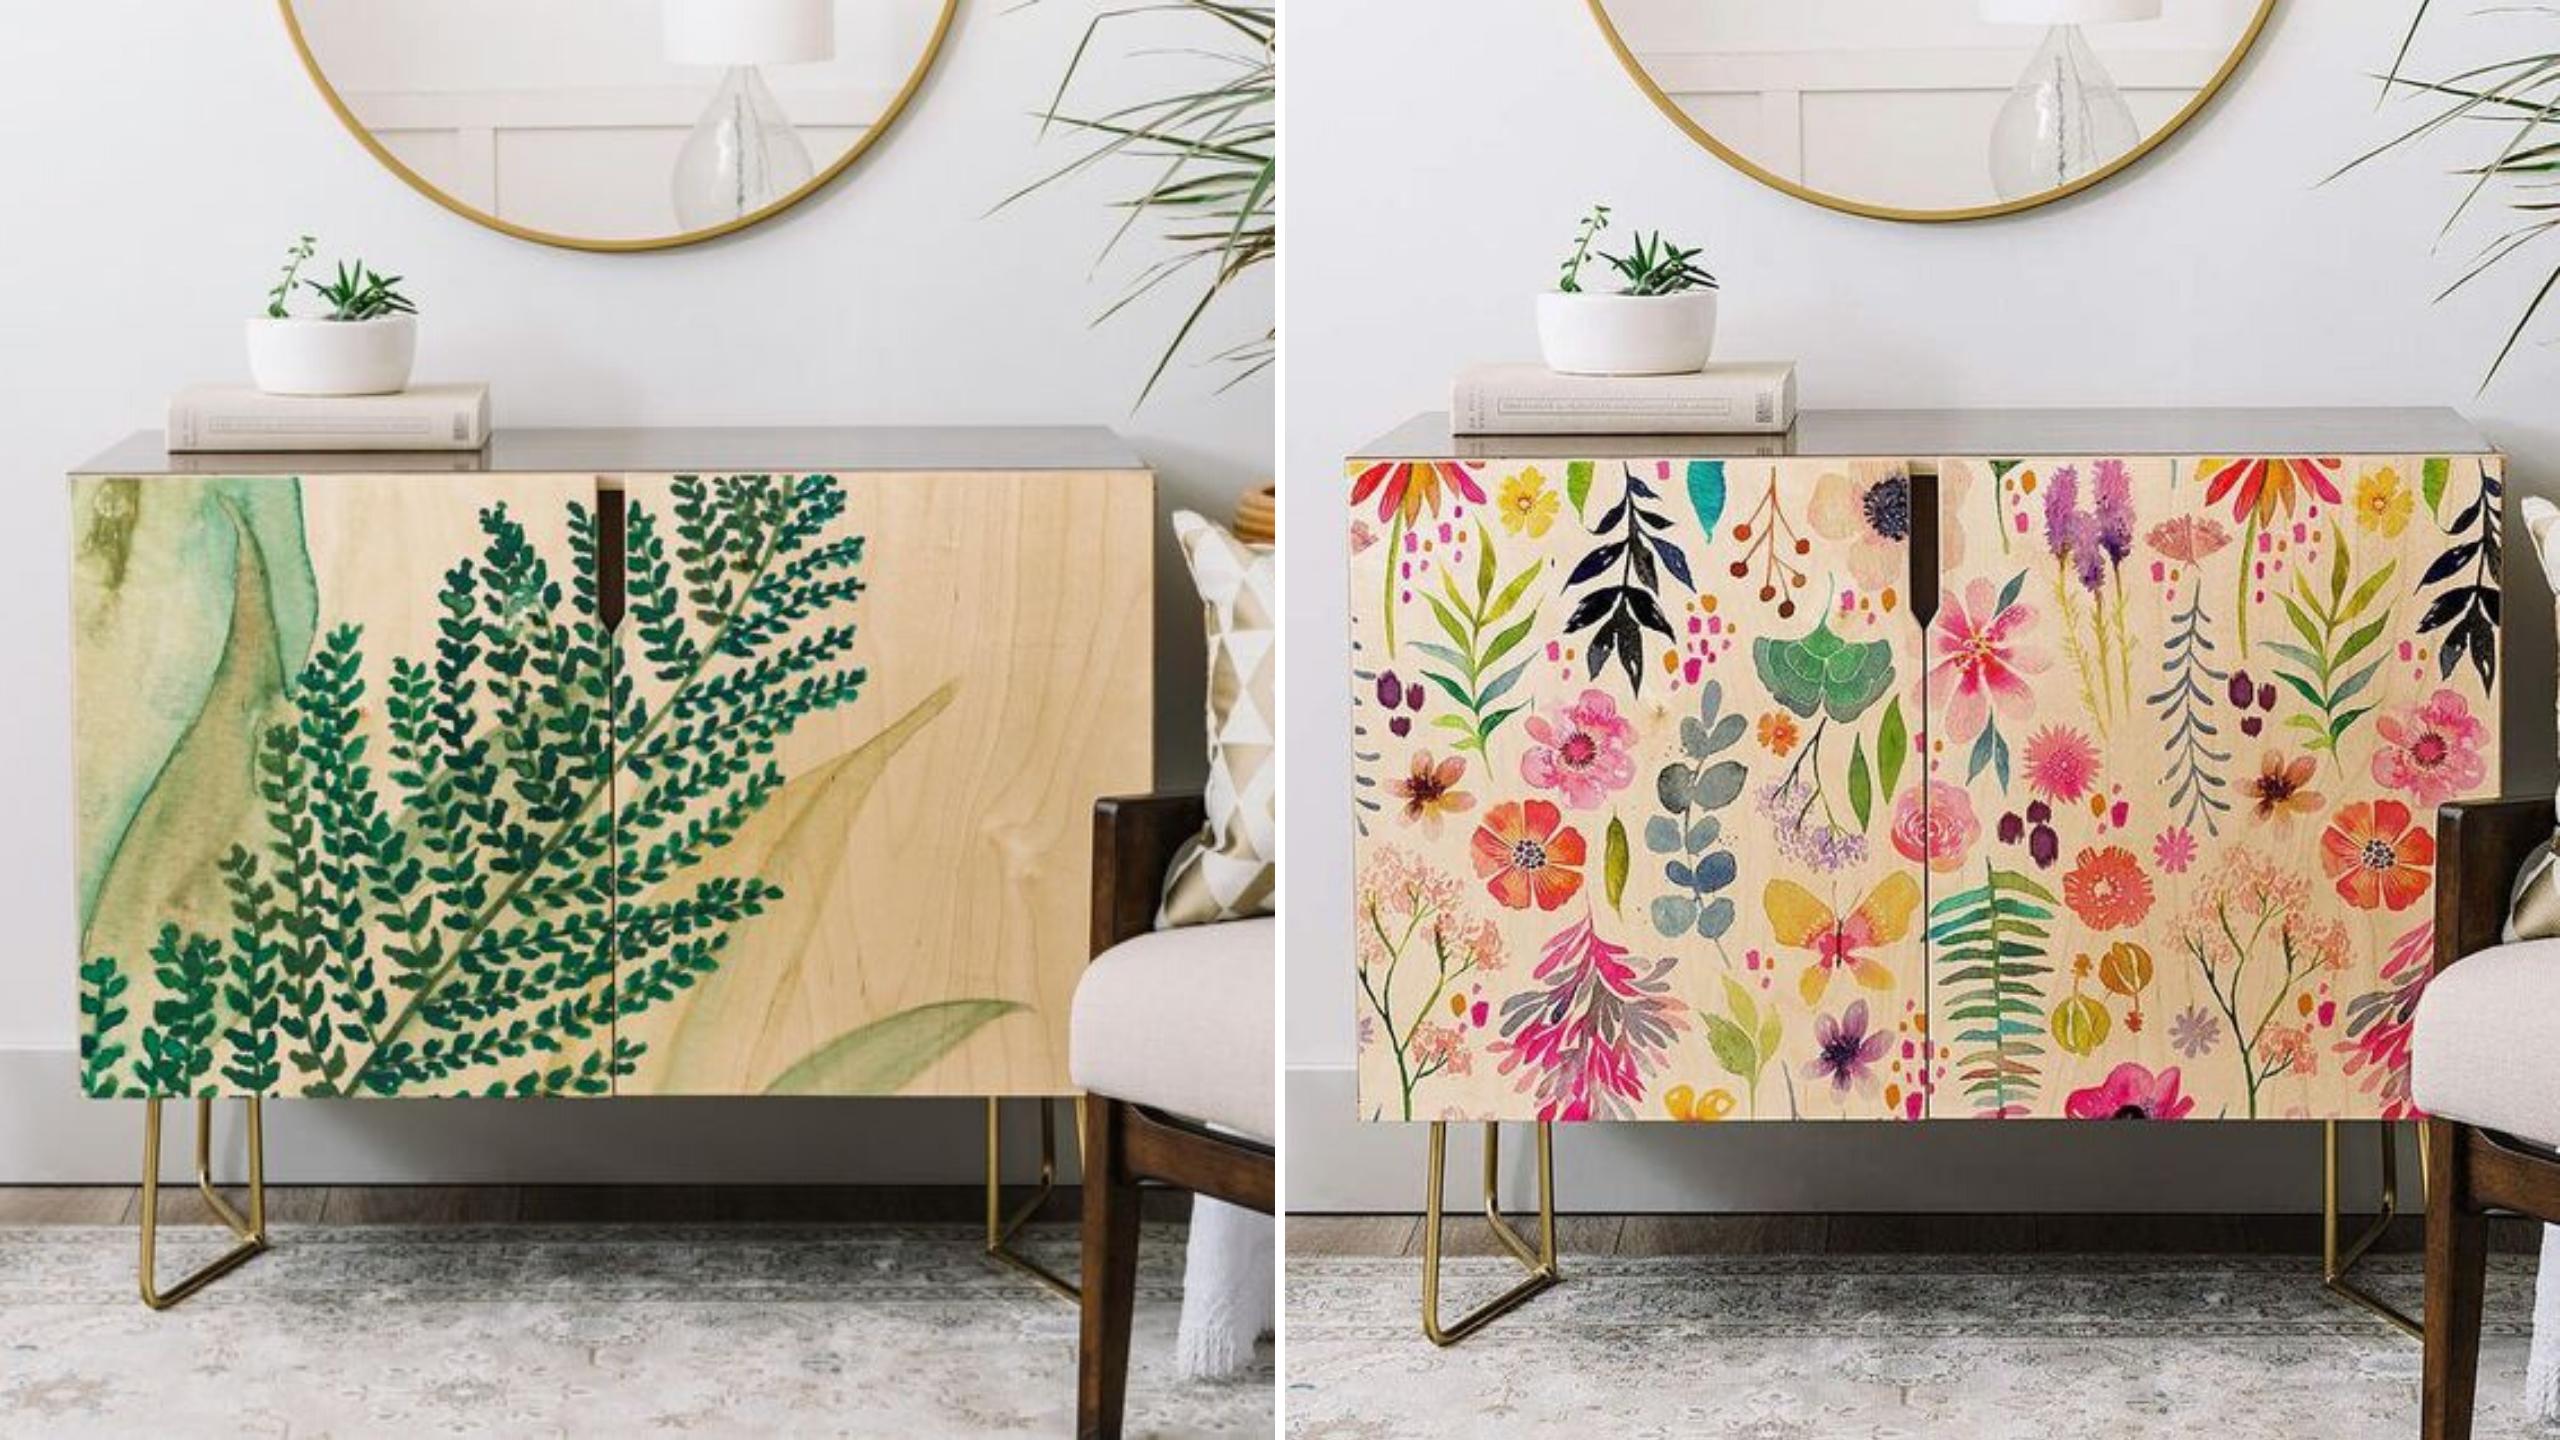 meuble personnalise fleur et plante